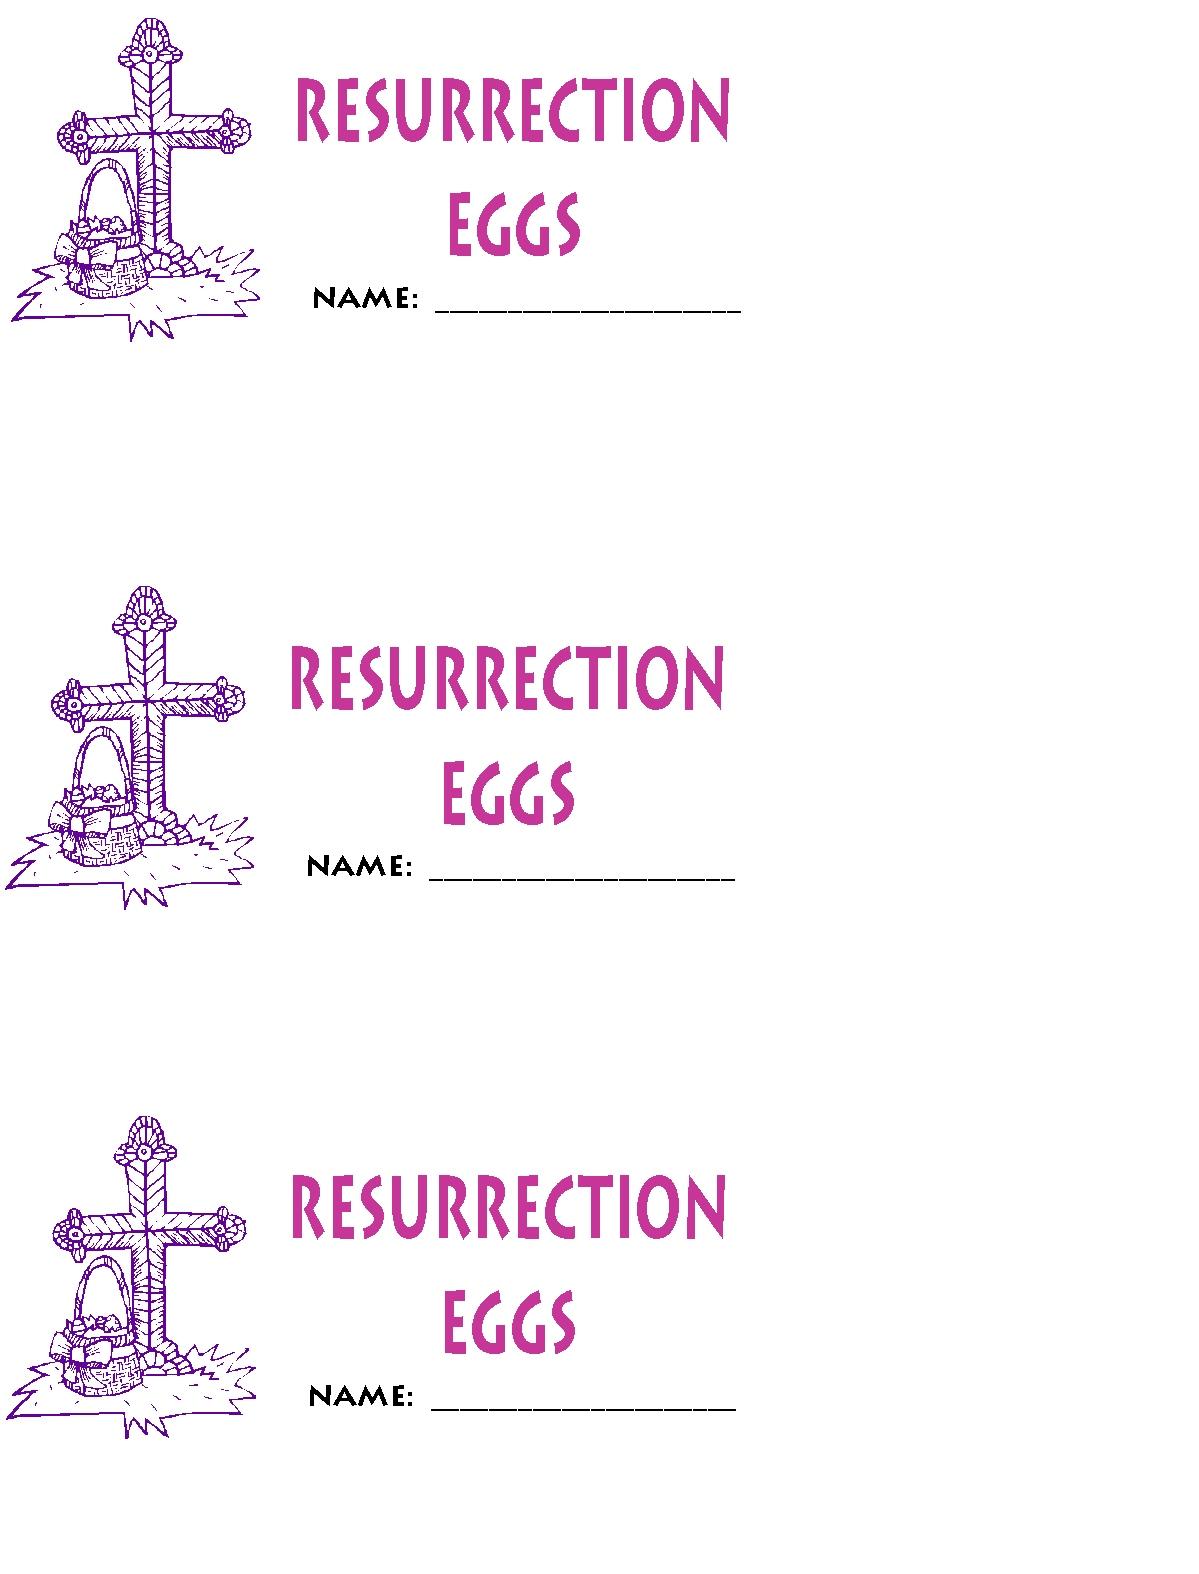 Egg-carton Resurrection Clipart - Clipart Kid